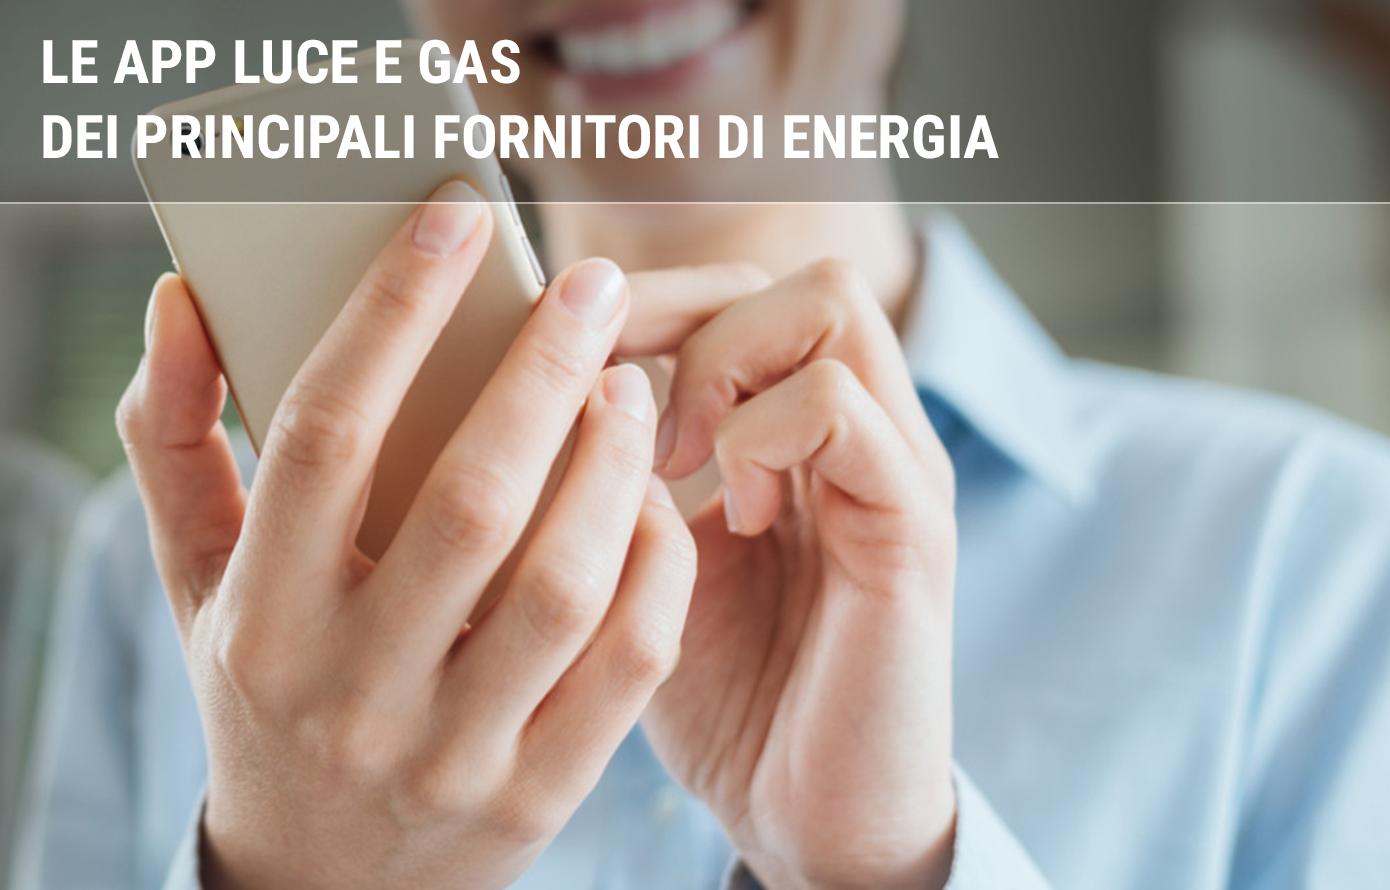 Le app luce e gas dei principali fornitori di energia